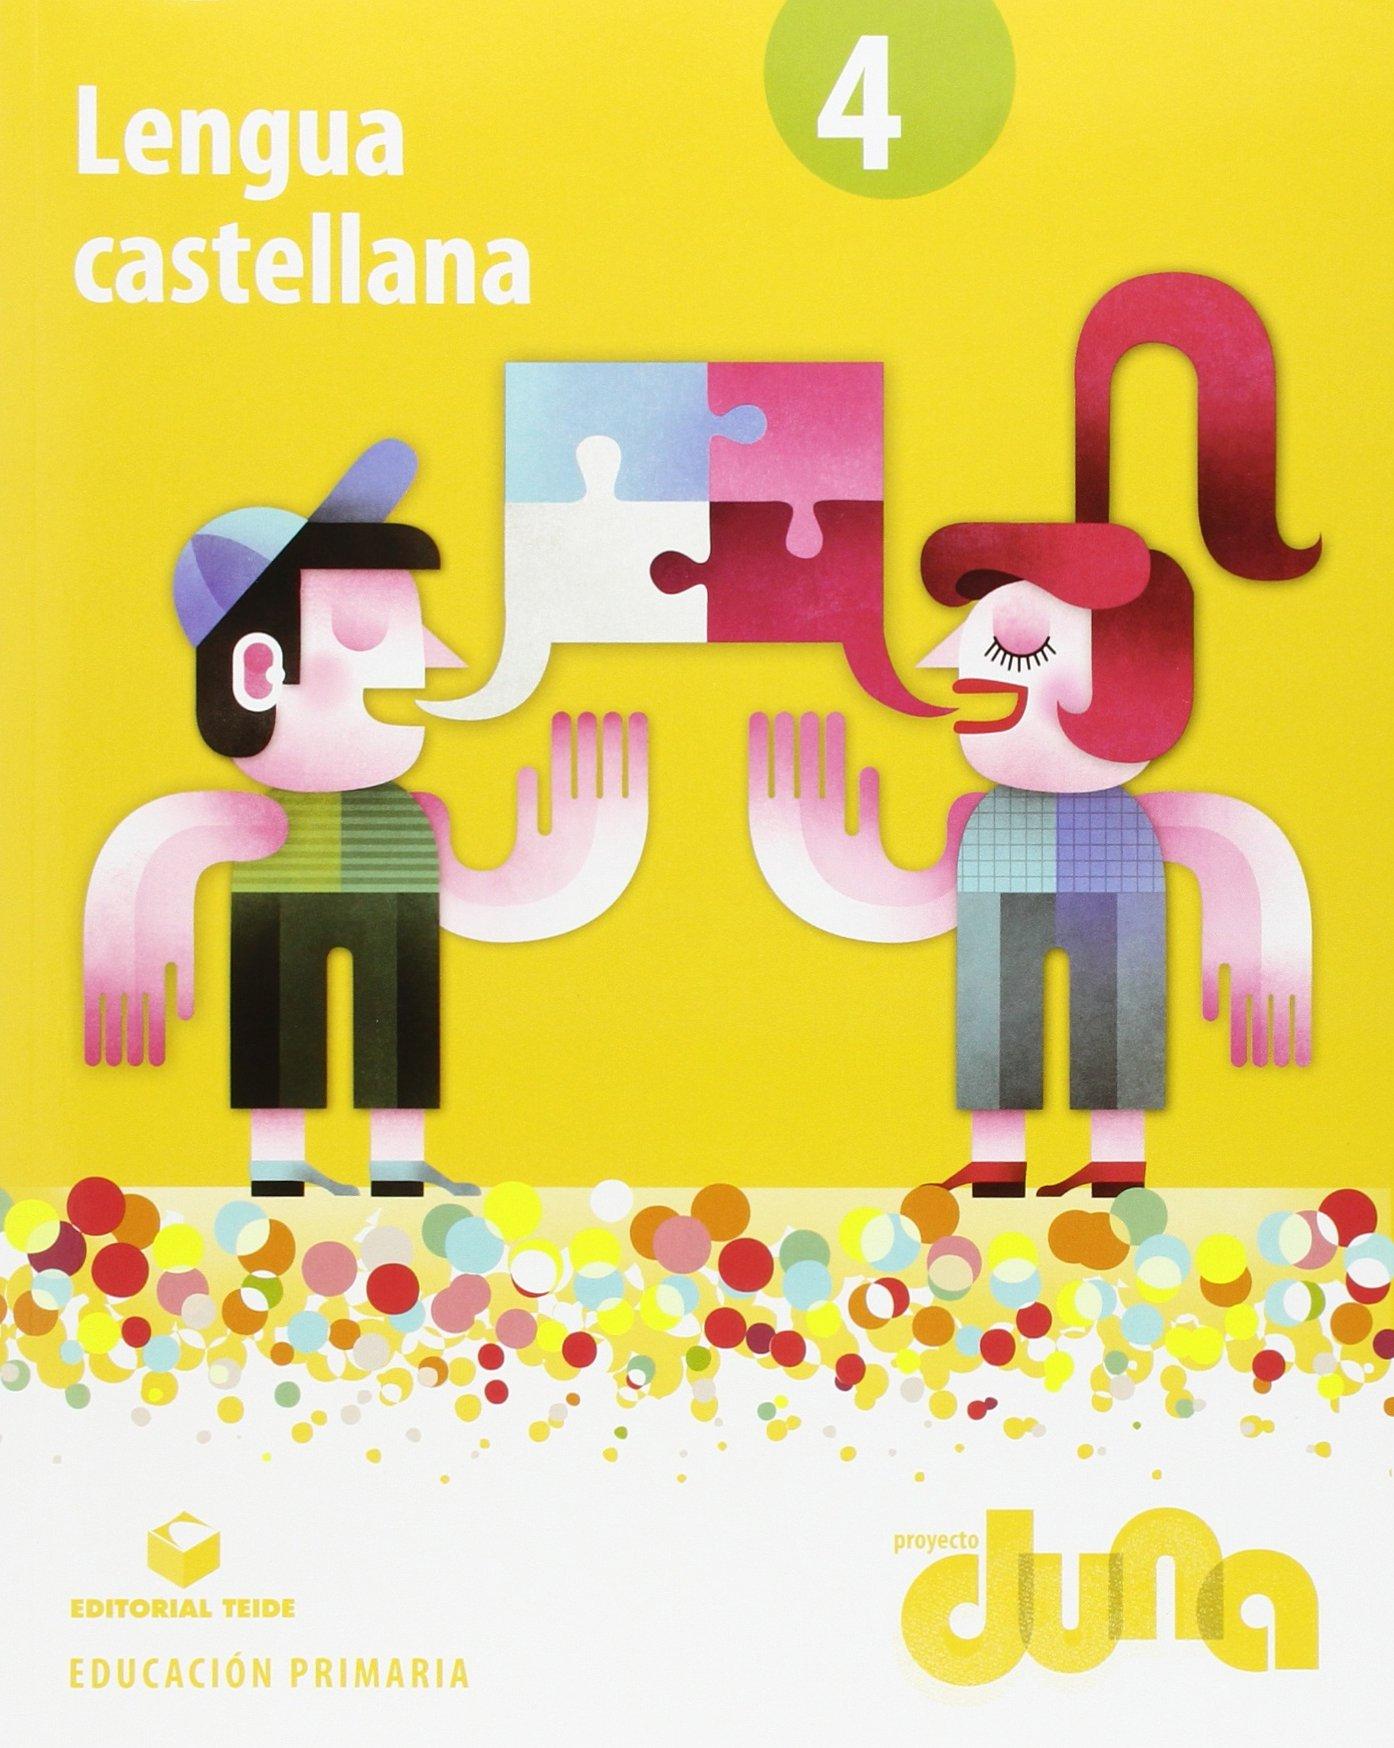 Lengua castellana 4 - Proyecto Duna - libro - 9788430719549: Amazon.es: Editorial Teide, S.A.: Libros